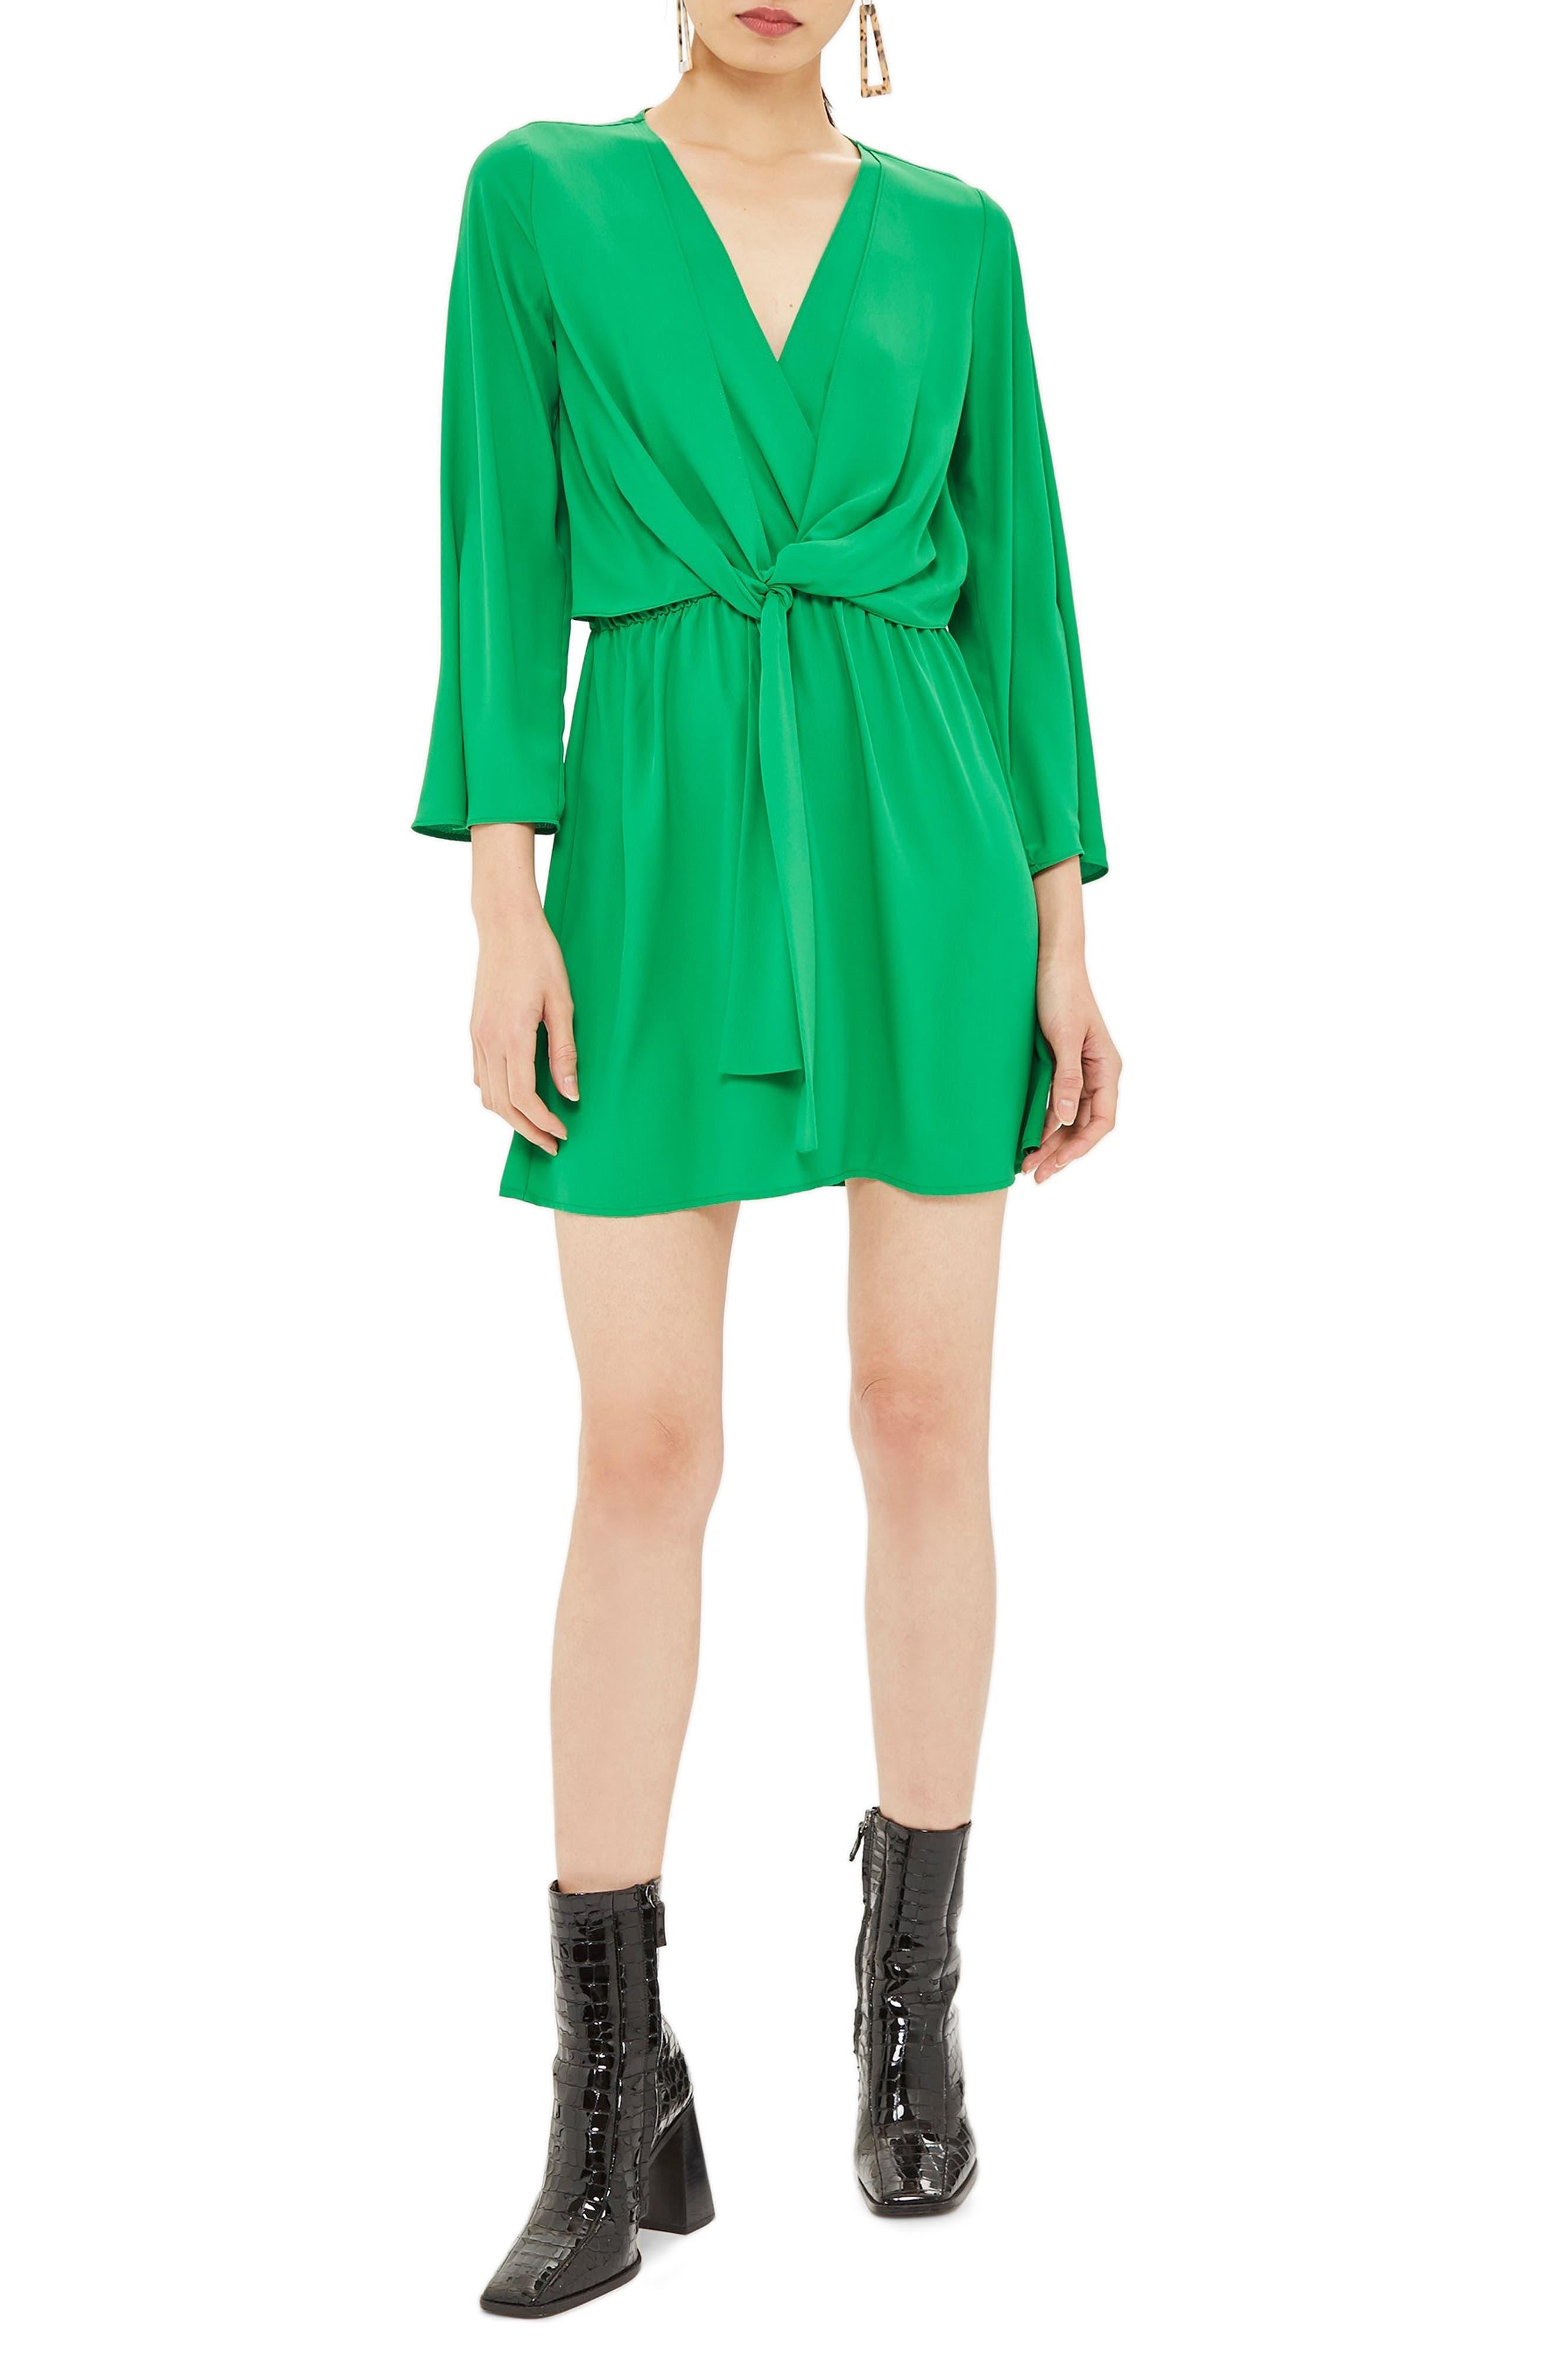 Topshop Tiffany Knot Minidress, US (fits like 0) - Green